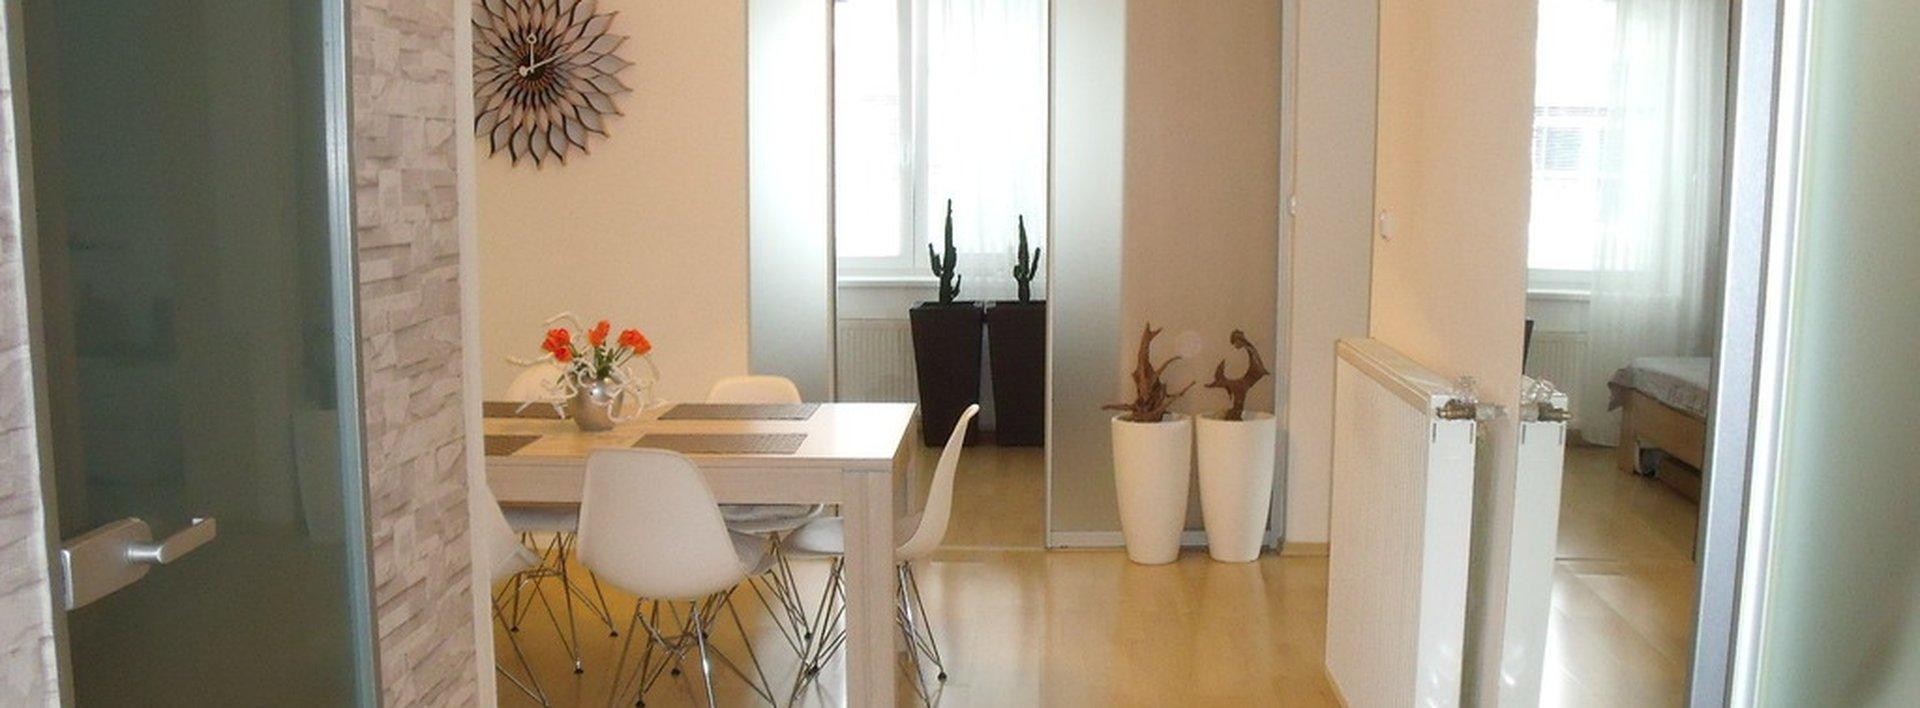 Prodej velmi hezkého bytu 2+kk po luxusní rekonstrukci - Tanvald, Ev.č.: N46860